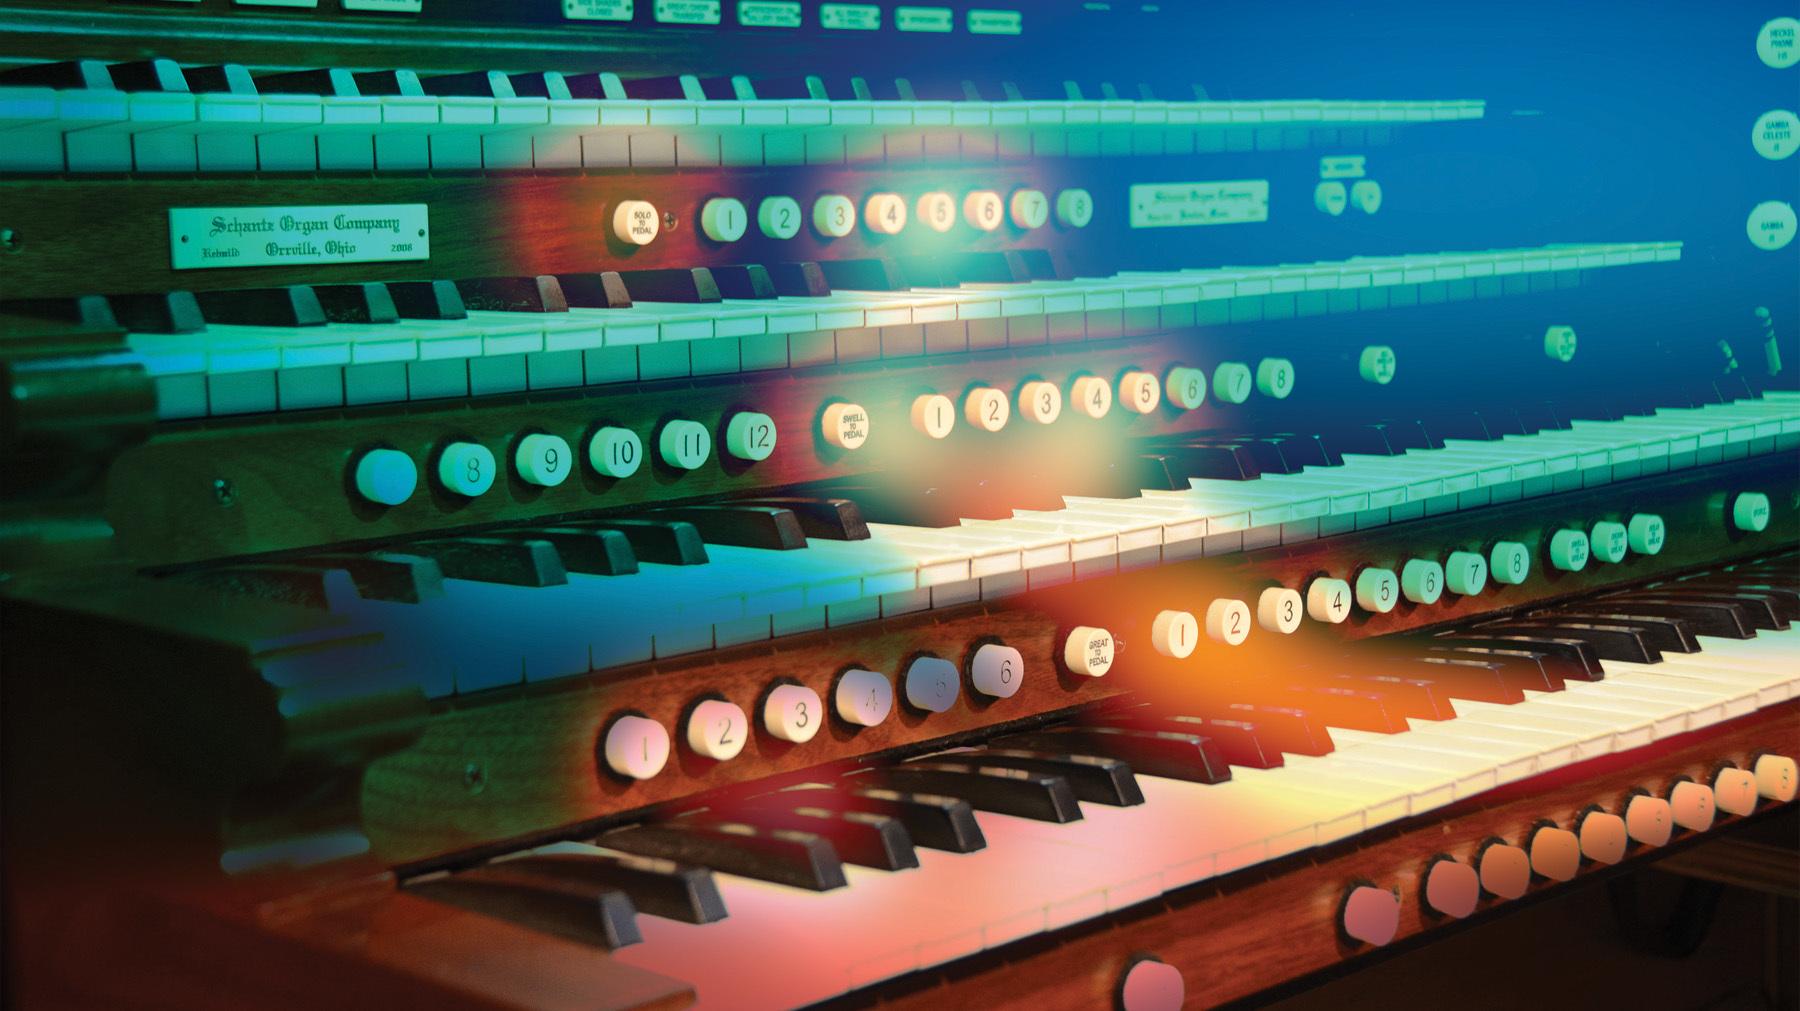 Banner organ keys